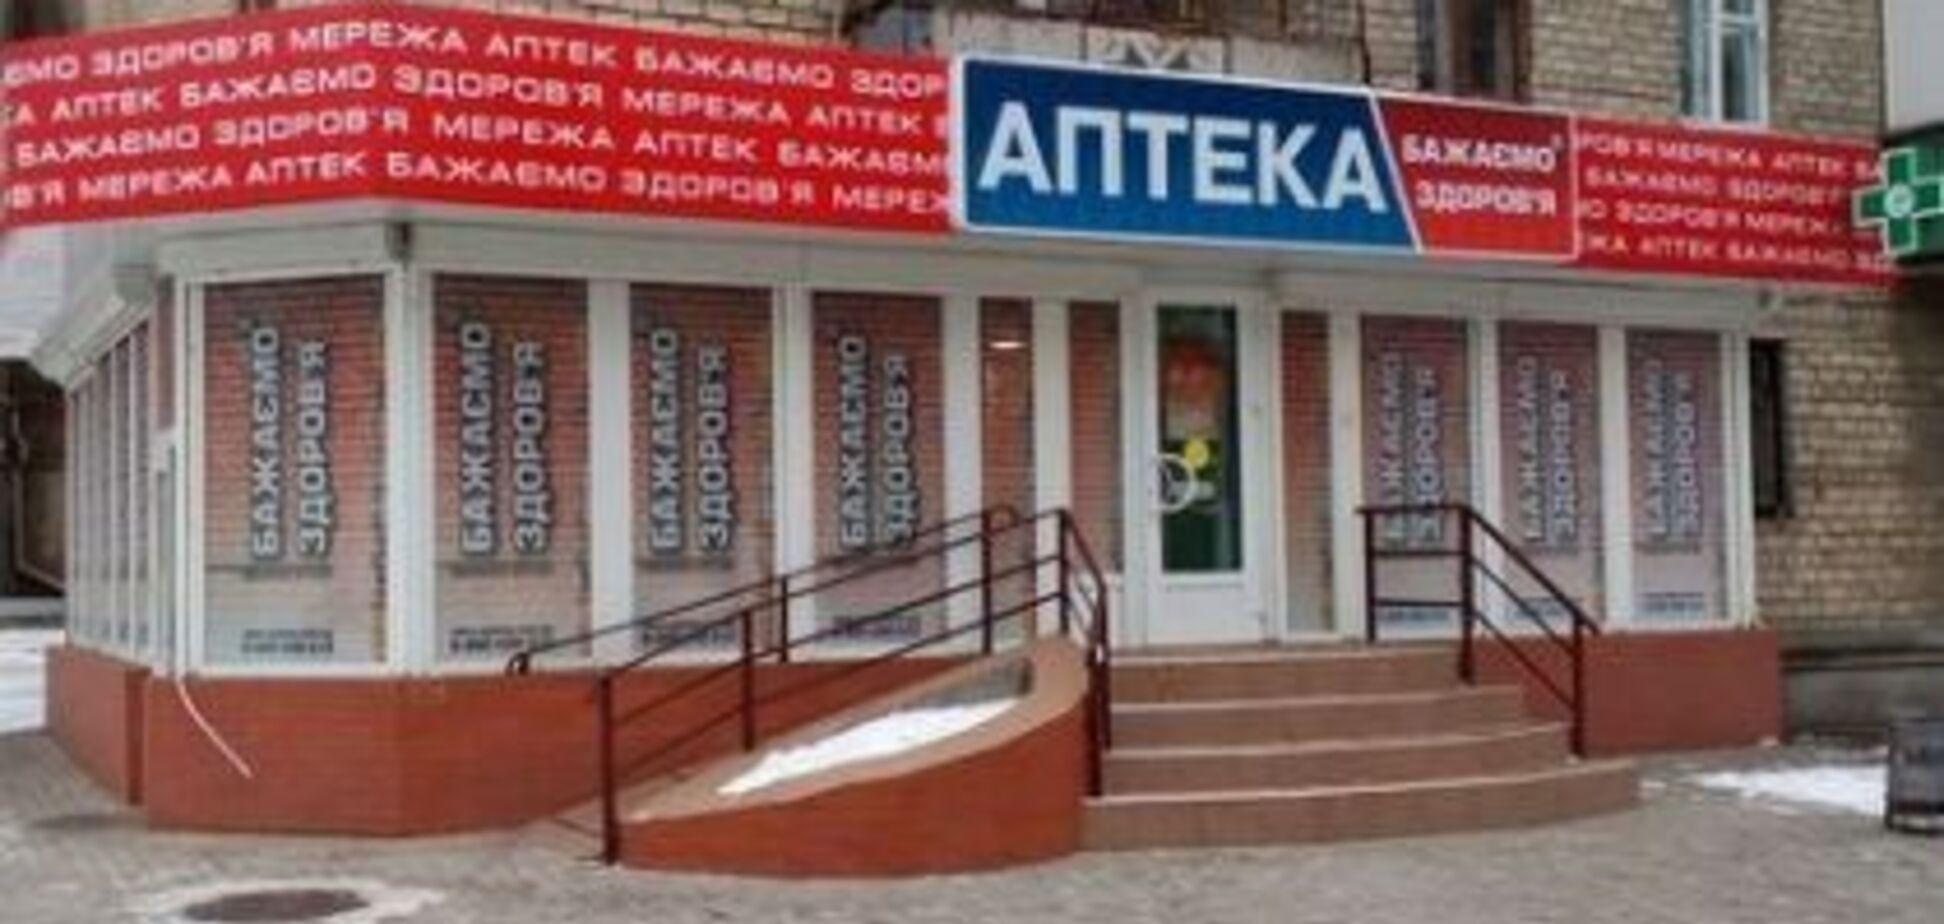 Сеть разозлил неприятный случай в аптеке Николаева